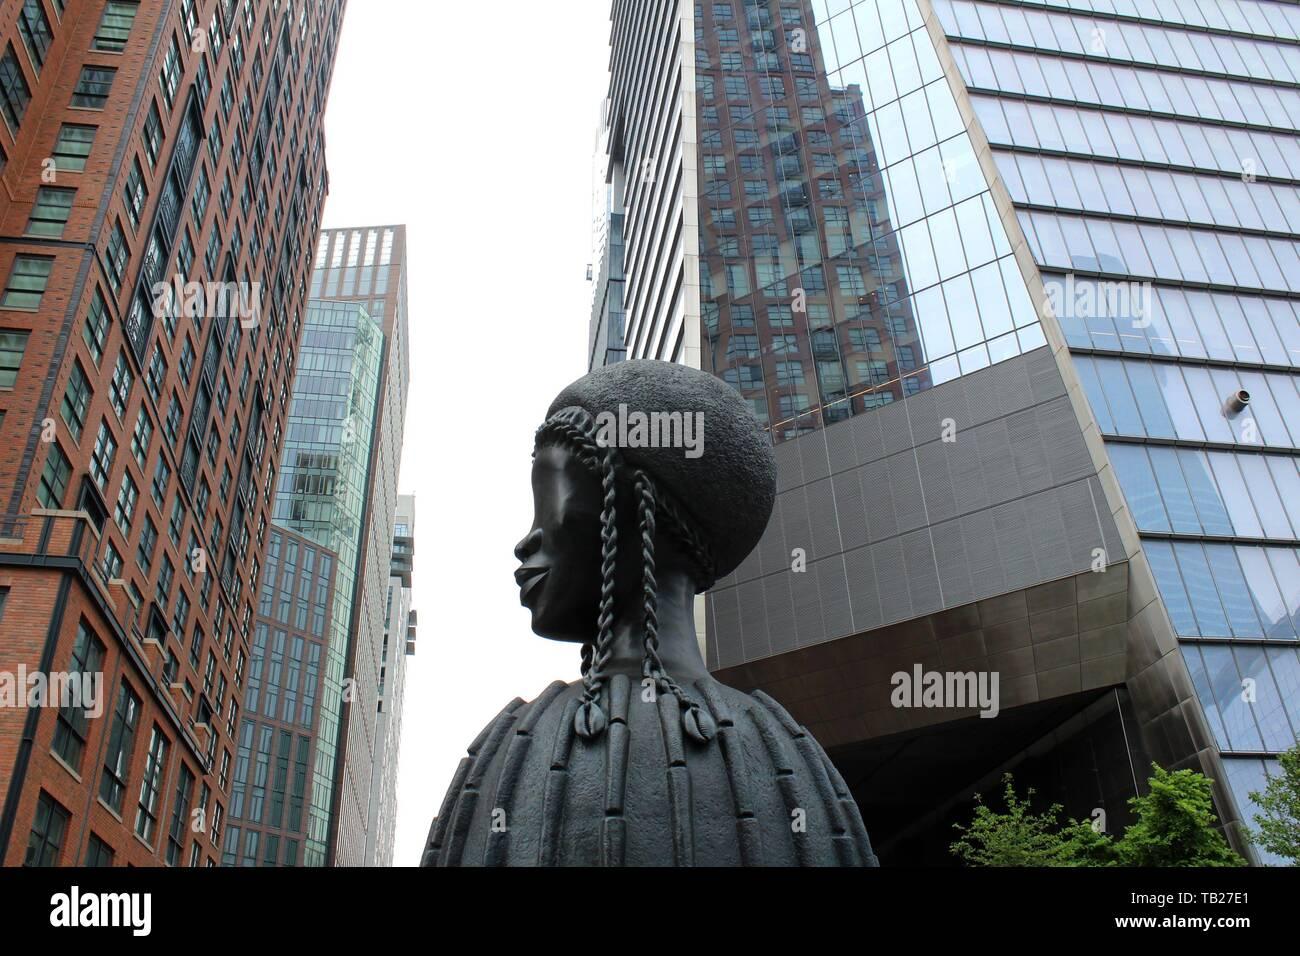 """New York, Vereinigte Staaten. 29 Mai, 2019. Foto der monumentale Skulptur """"Brick House"""", von uns Künstler Simone Leigh, in der High Line, die lange Park, der von der 14. Straße läuft bei 30 bis Ende installiert, in New York, USA, 29. Mai 2019. Eine große bronzene Büste von fünf Meter hohen Kronen in dieser Woche den zehnten Avenue in New York in der High Line, ein Gesicht einer afrikanischen Frau, mit der die renommierten Bildhauers Simone Leigh Hommage an die """"schwarze Schönheit zahlt"""" in der neuen Nachbarschaft Hudson Yards des Big Apple. Credit: Alvaro Celorio/EFE/Alamy leben Nachrichten Stockfoto"""